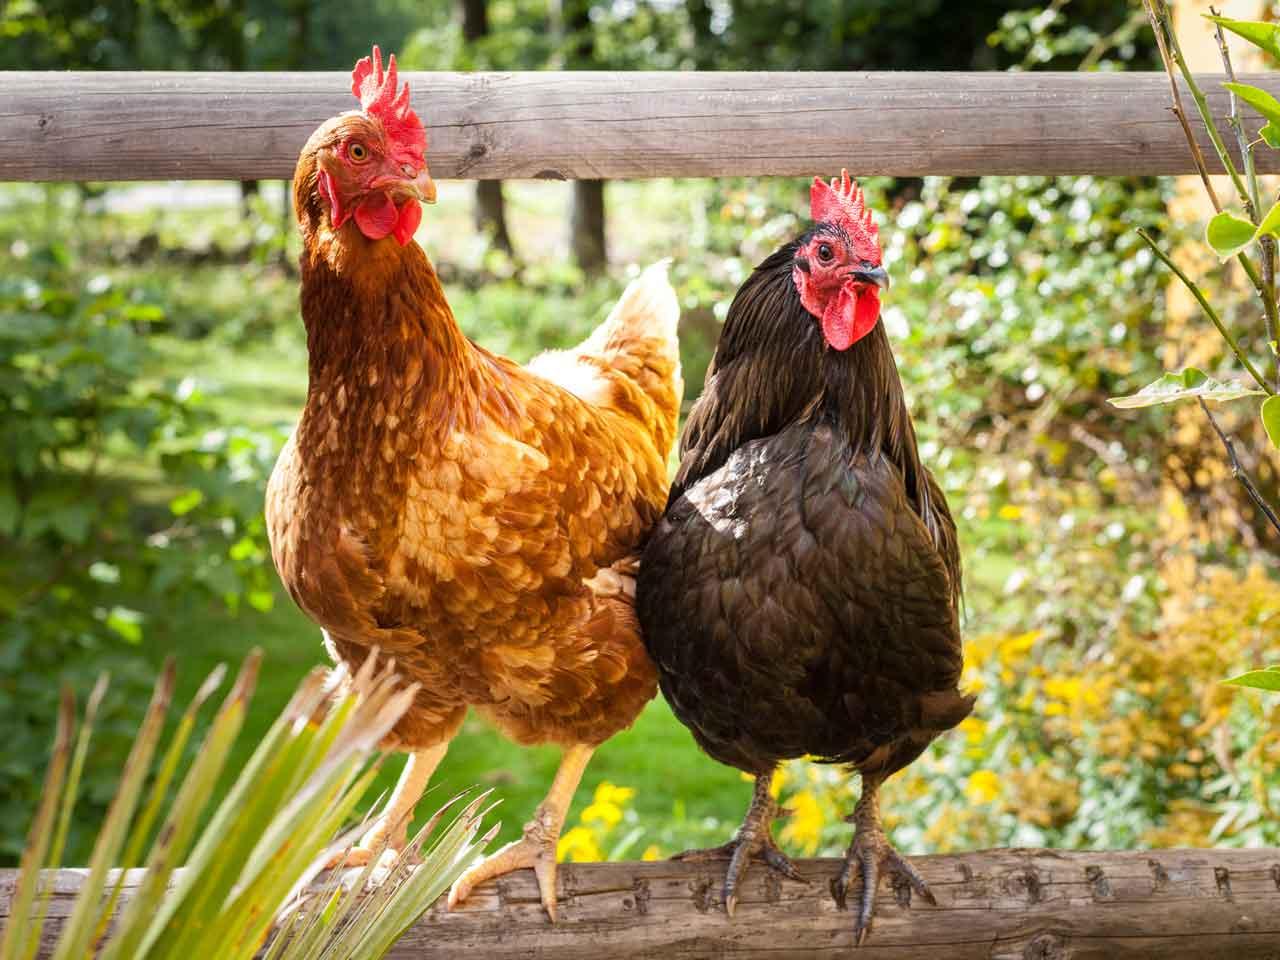 The naming of chickens - Saga